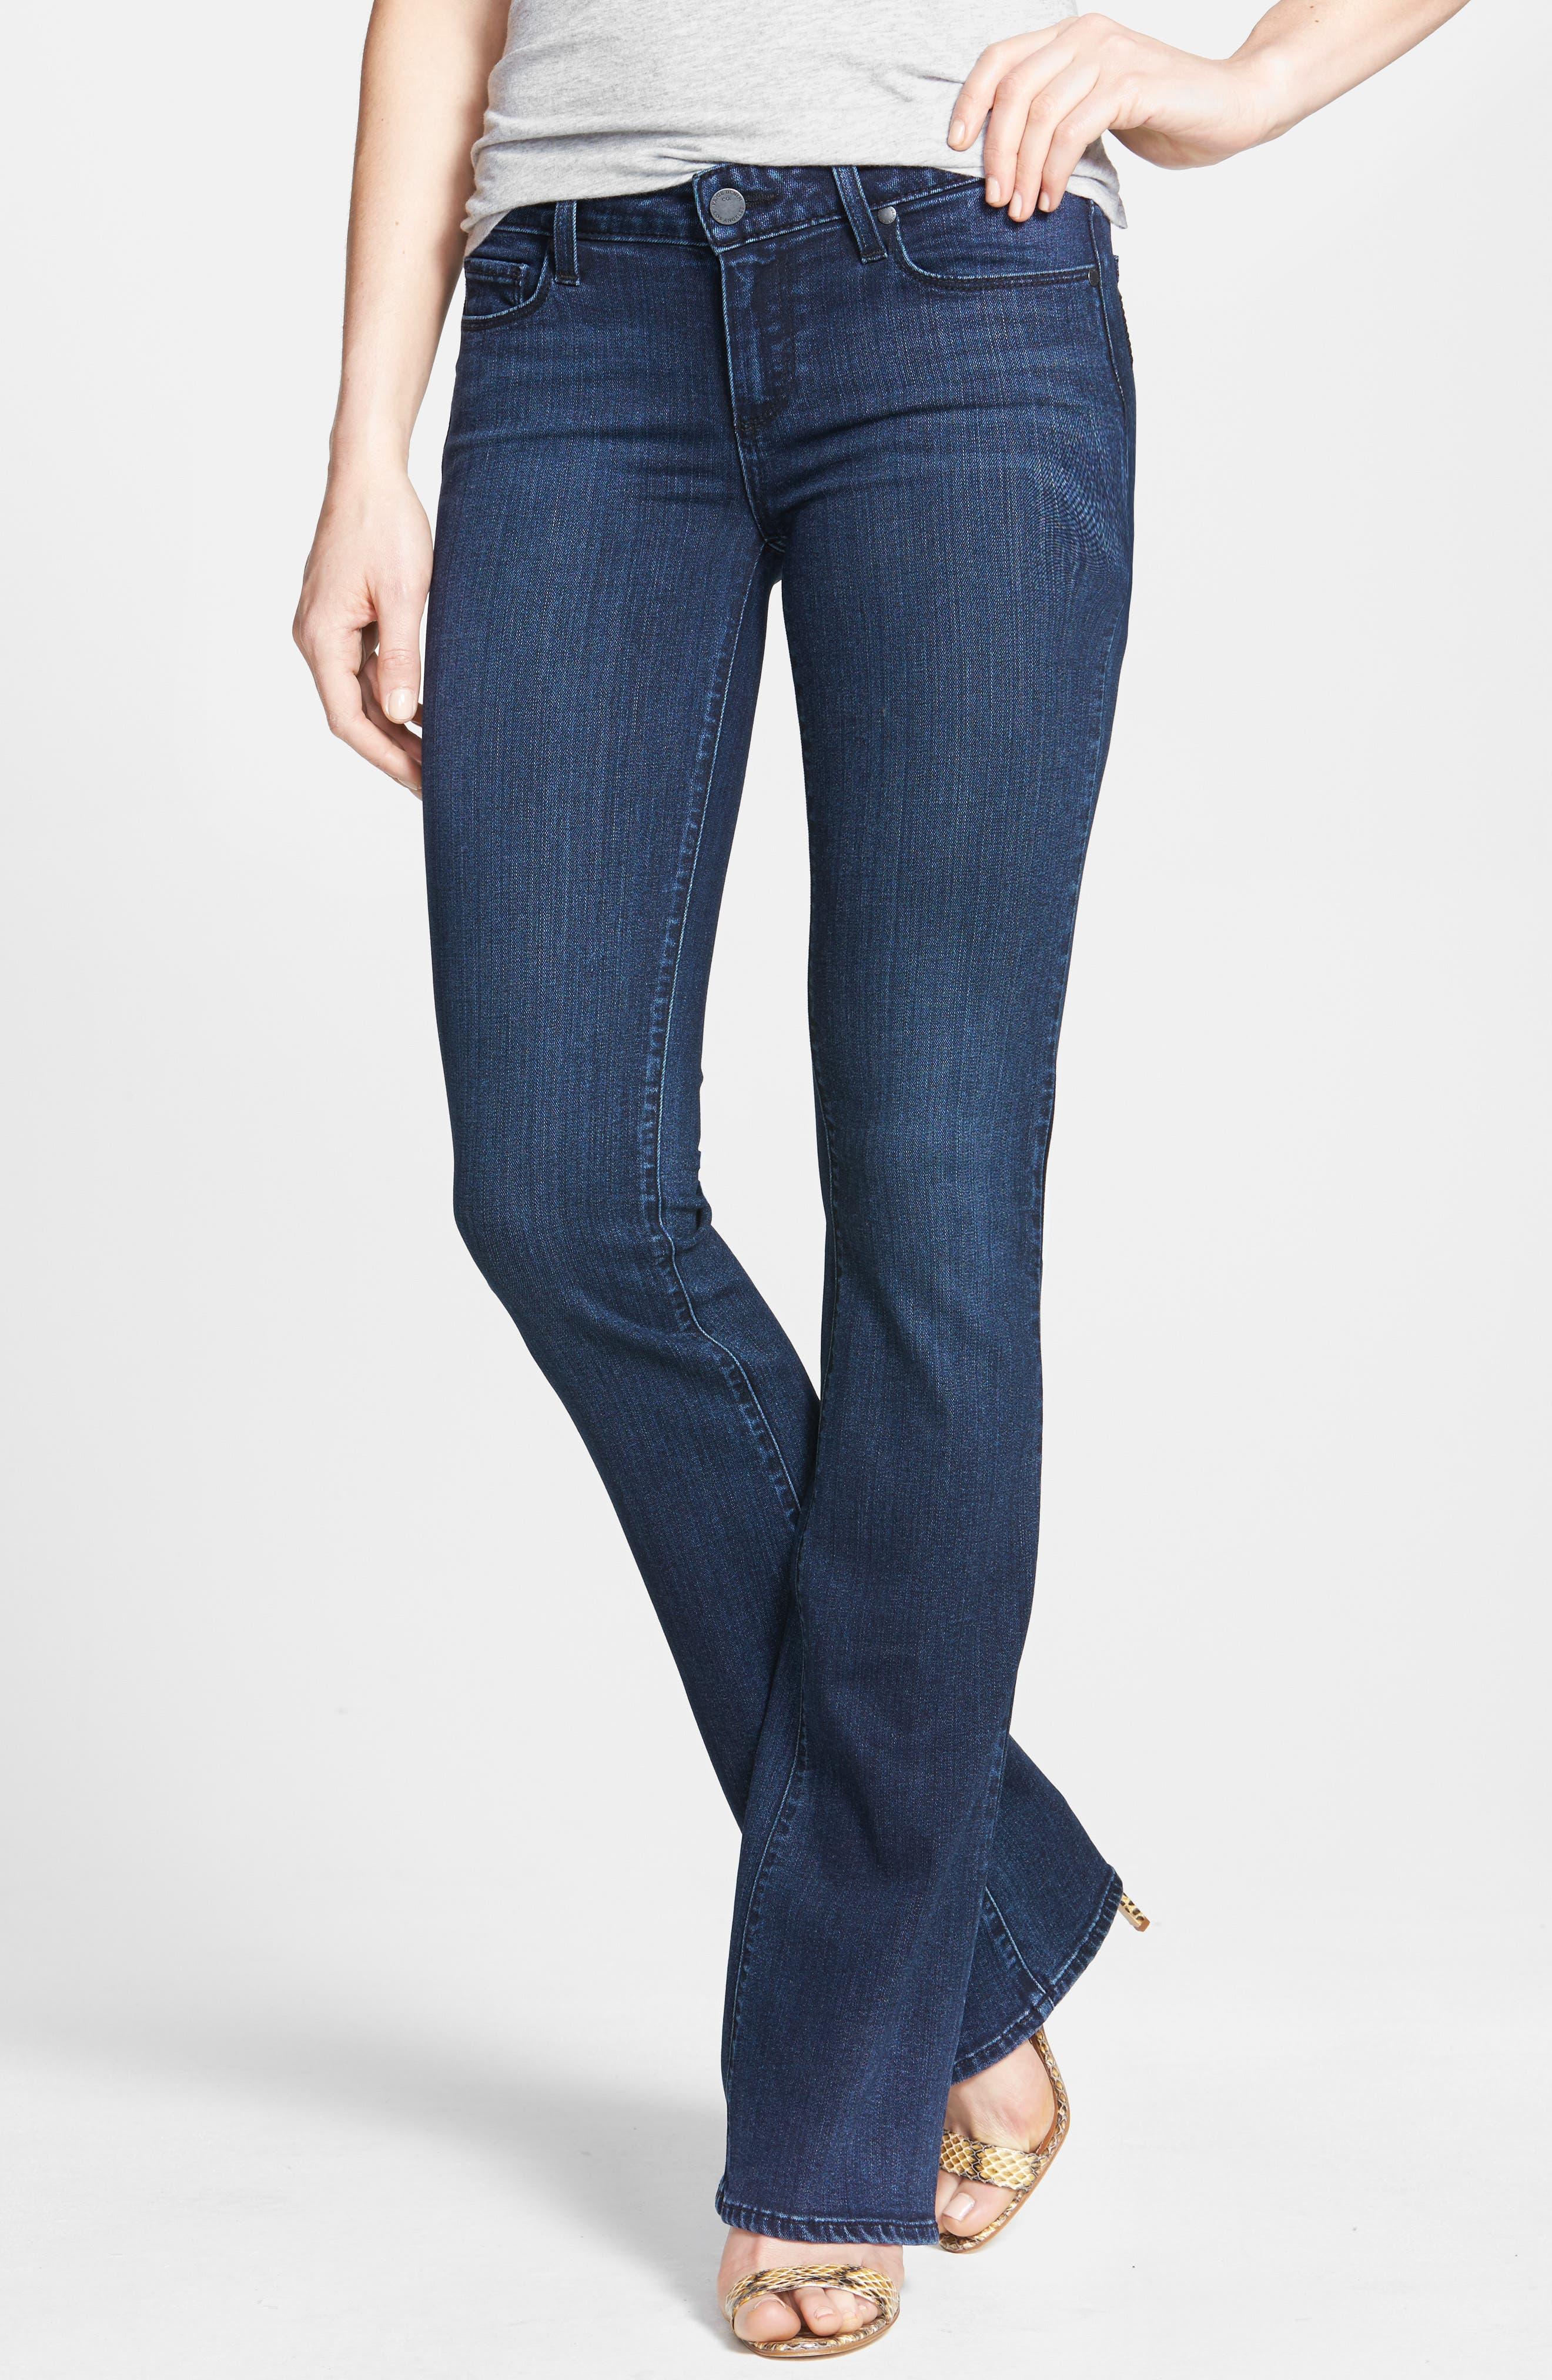 PAIGE, Transcend - Skyline Bootcut Jeans, Main thumbnail 1, color, VALOR